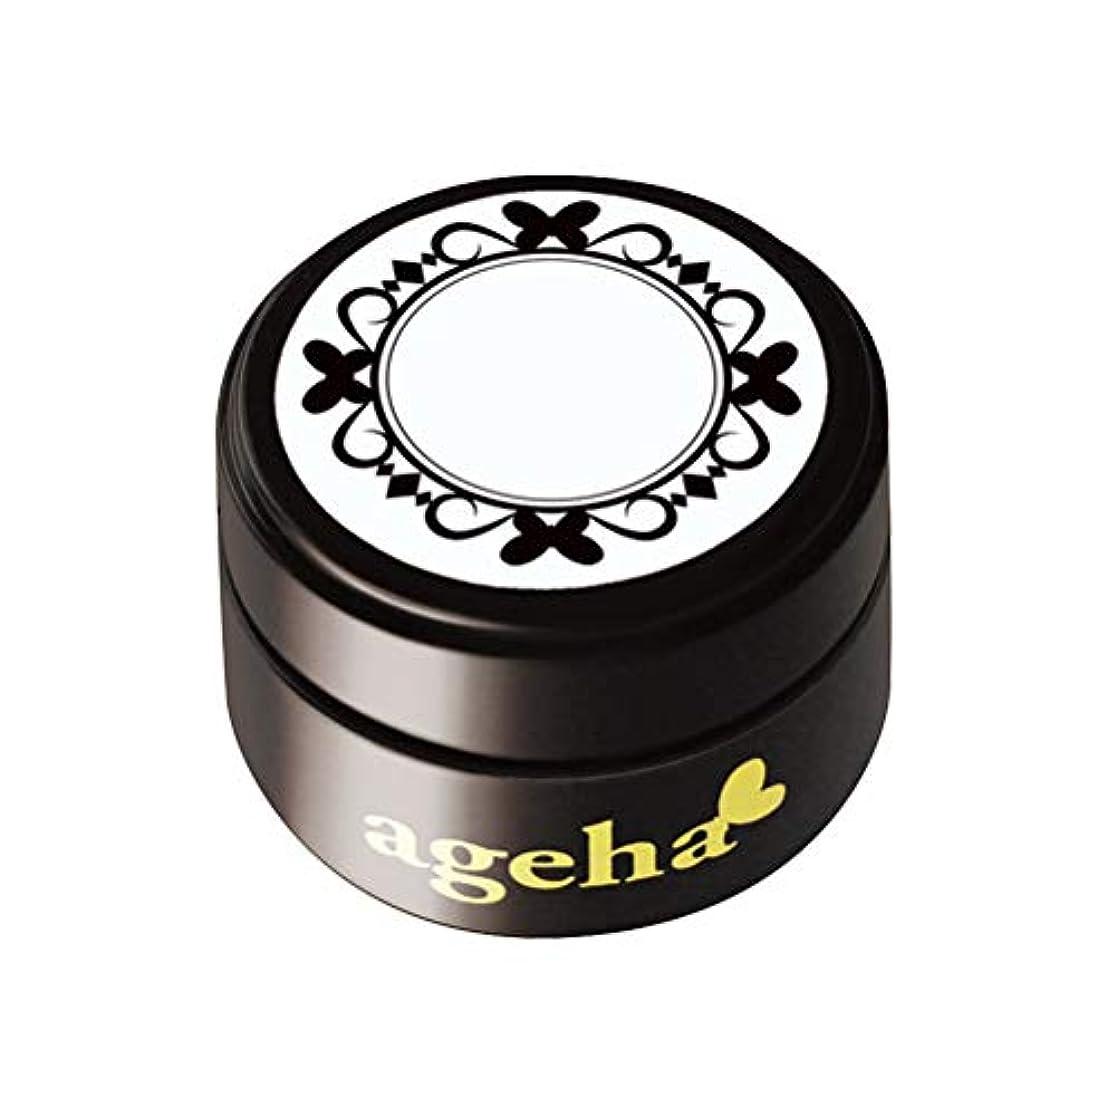 不完全爆発特権ageha コスメカラー 422 ルミナスコパー 2.7g UV/LED対応